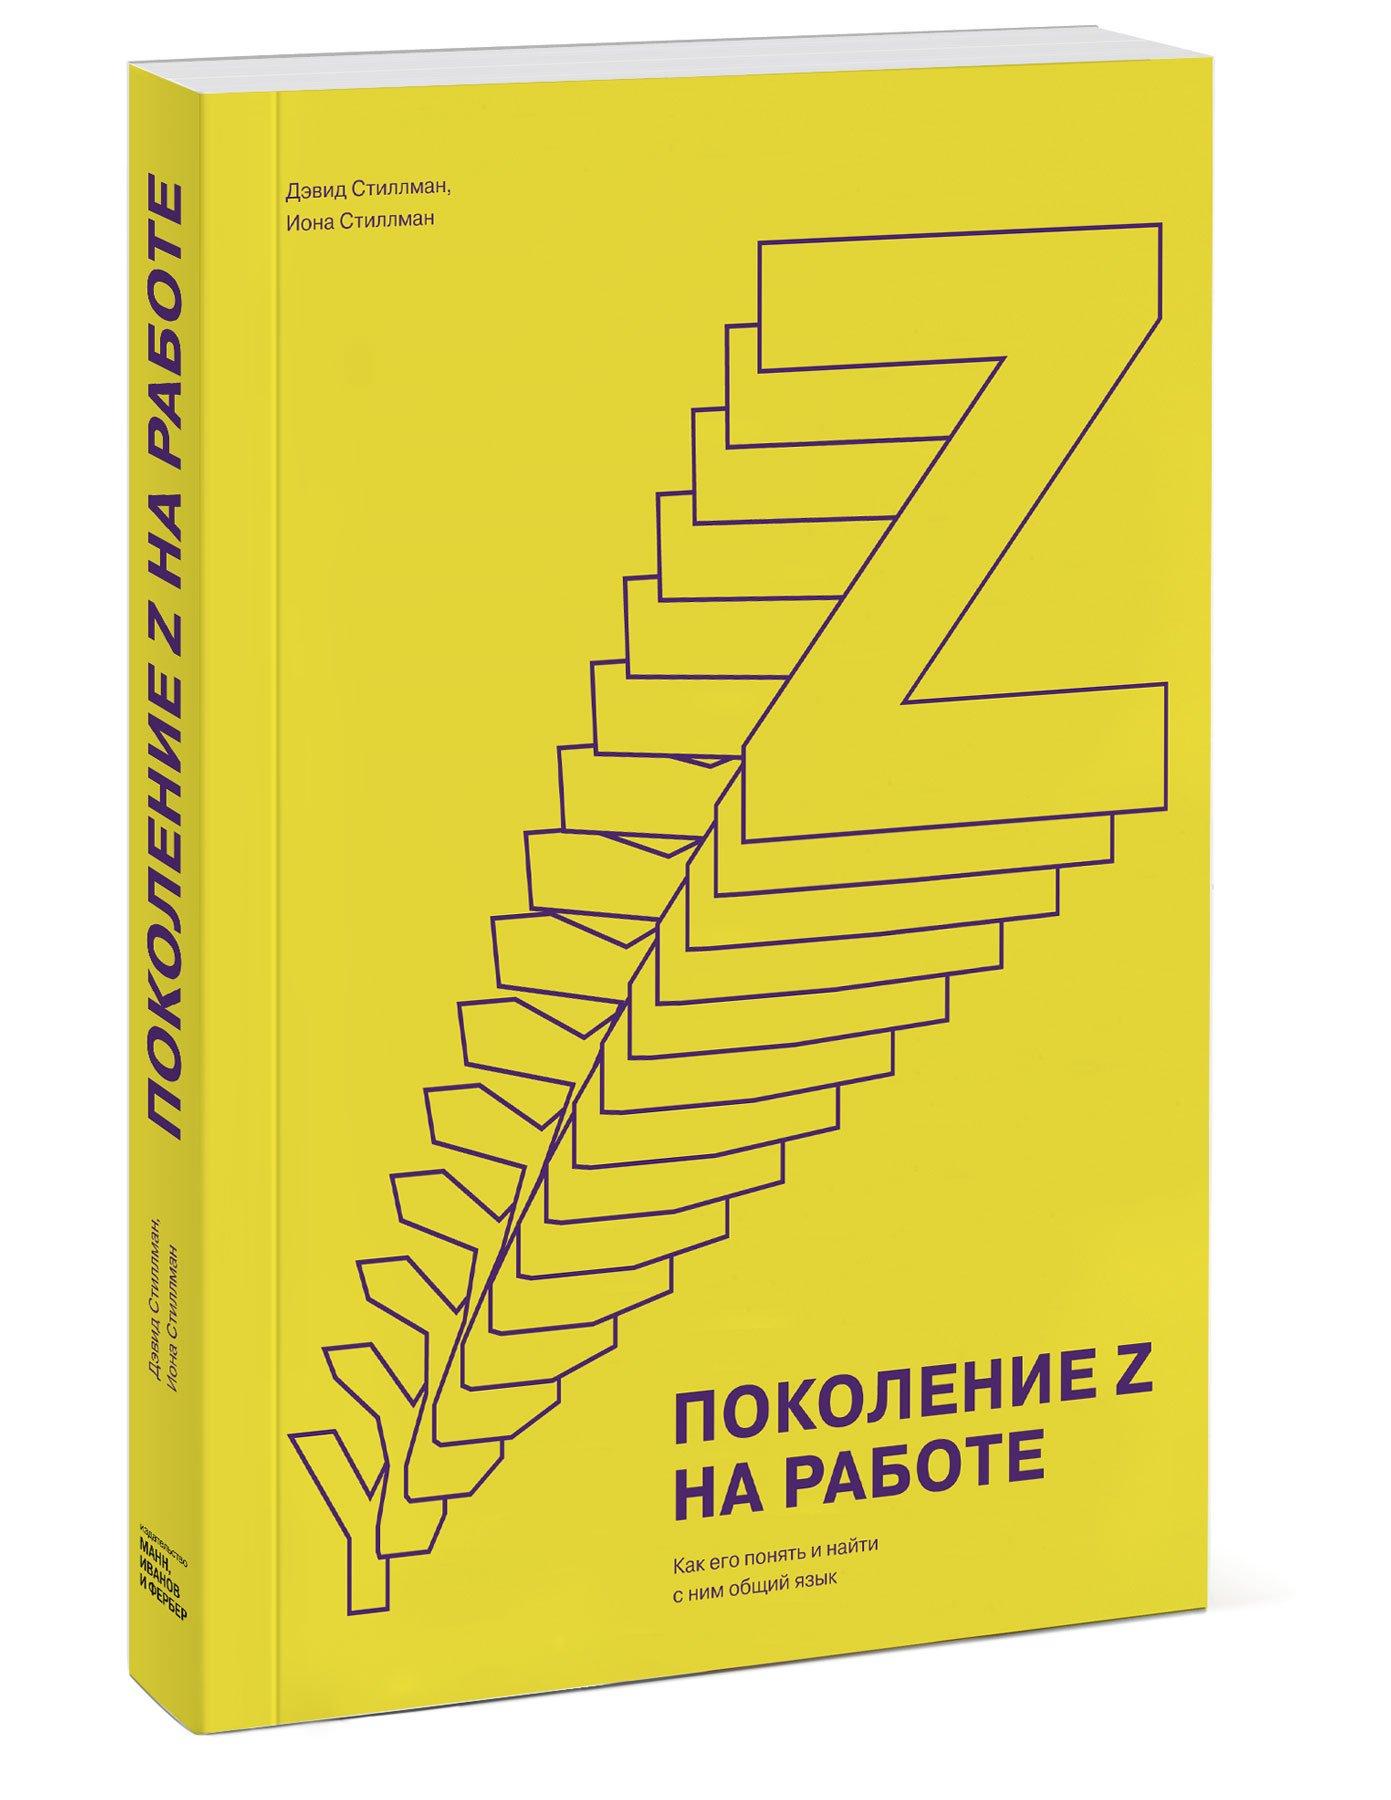 Поколение Z на работе. Как его понять и найти с ним общий язык ( Дэвид Стиллман, Иона Стиллман  )